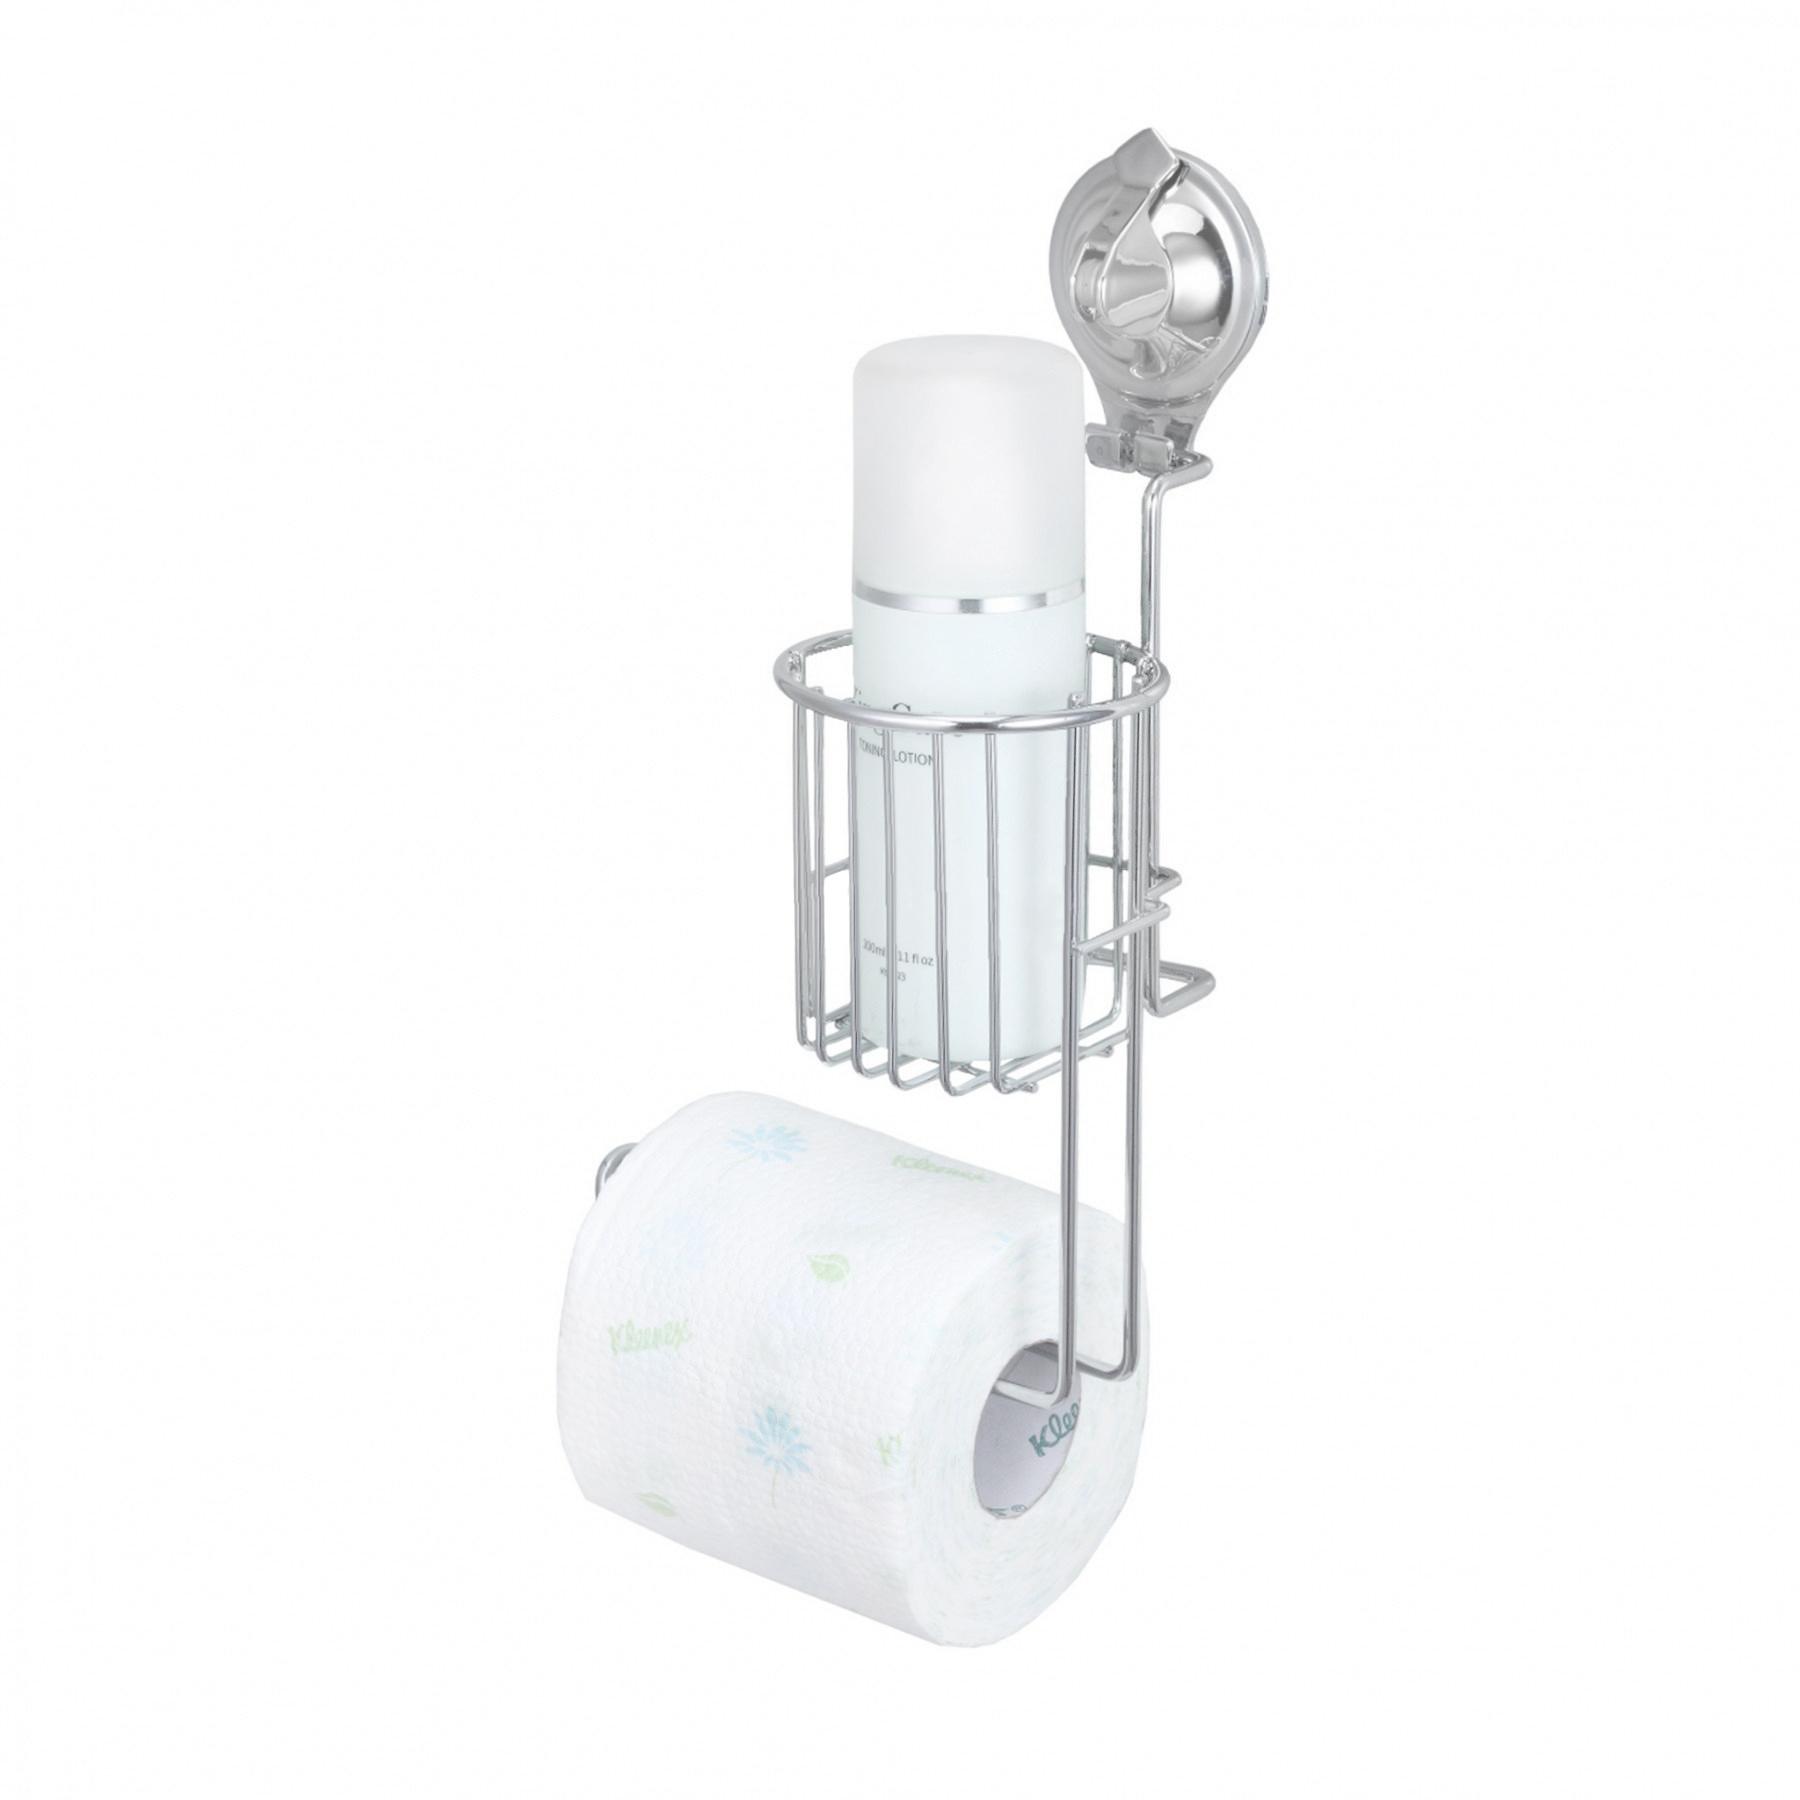 Держатель для туалетной бумаги и освежителя воздуха на присоске Fora Triumf Т045.